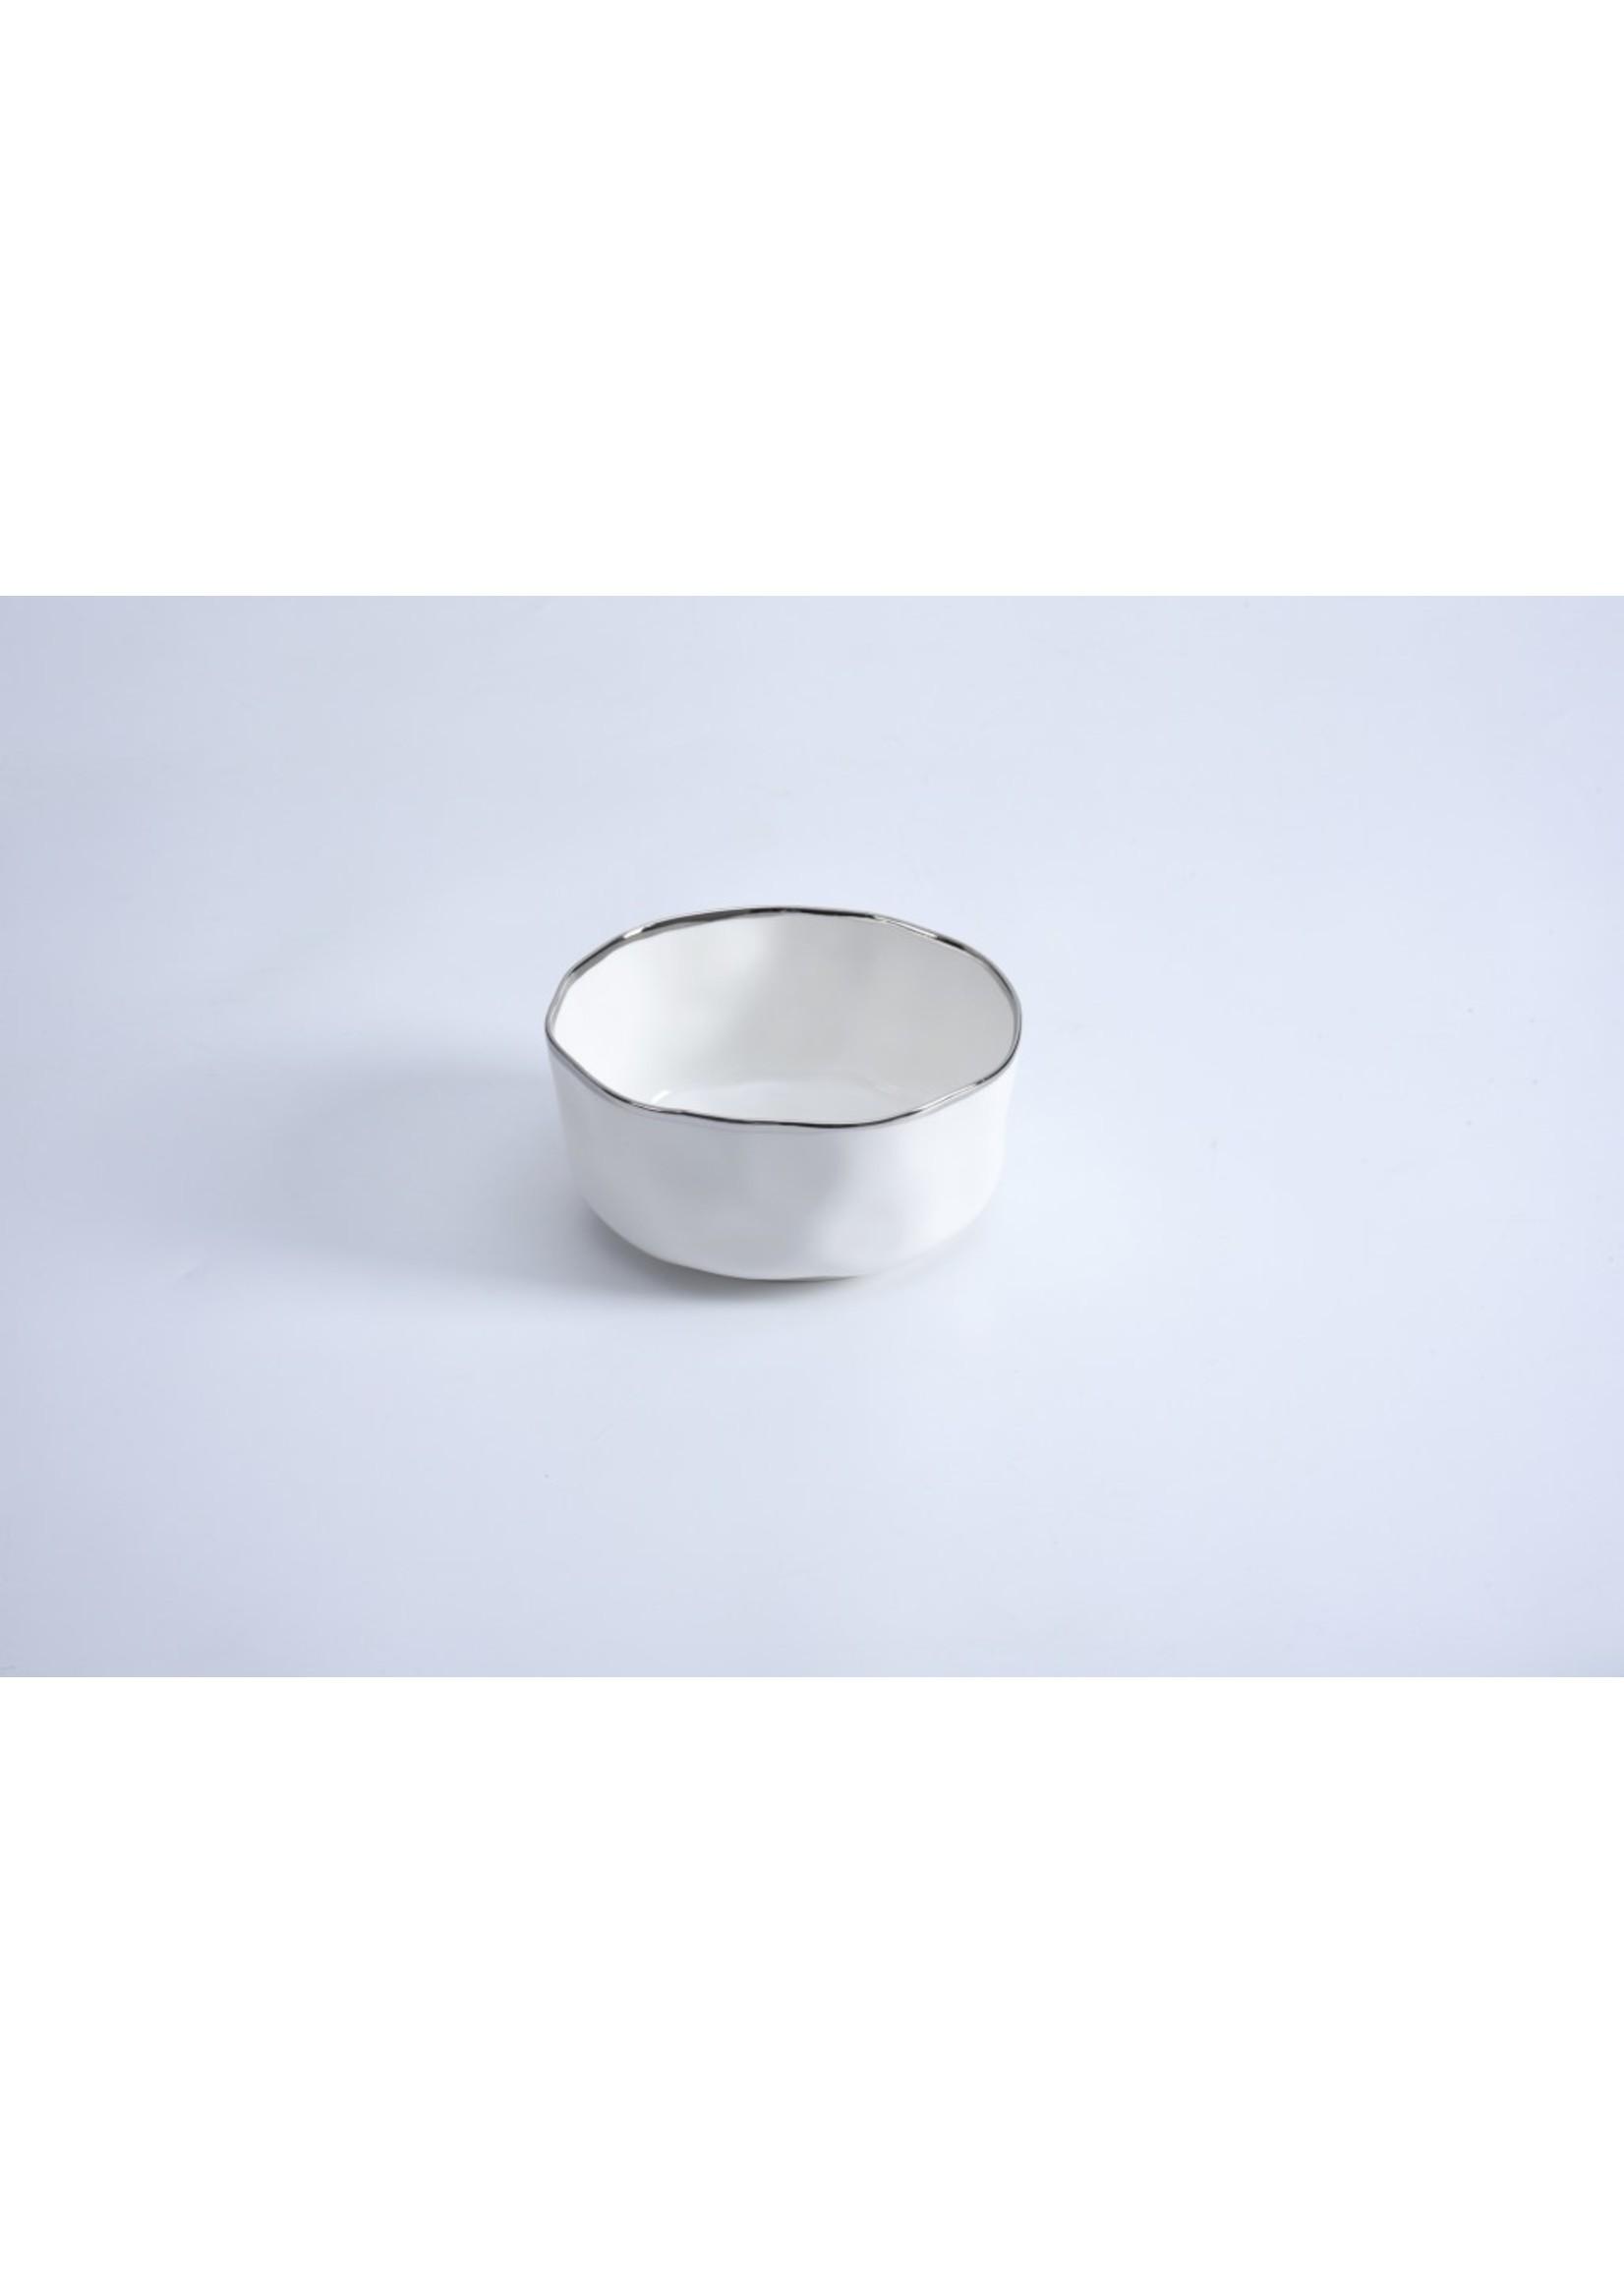 Pampa Bay Pampa Bay Medium Bowl